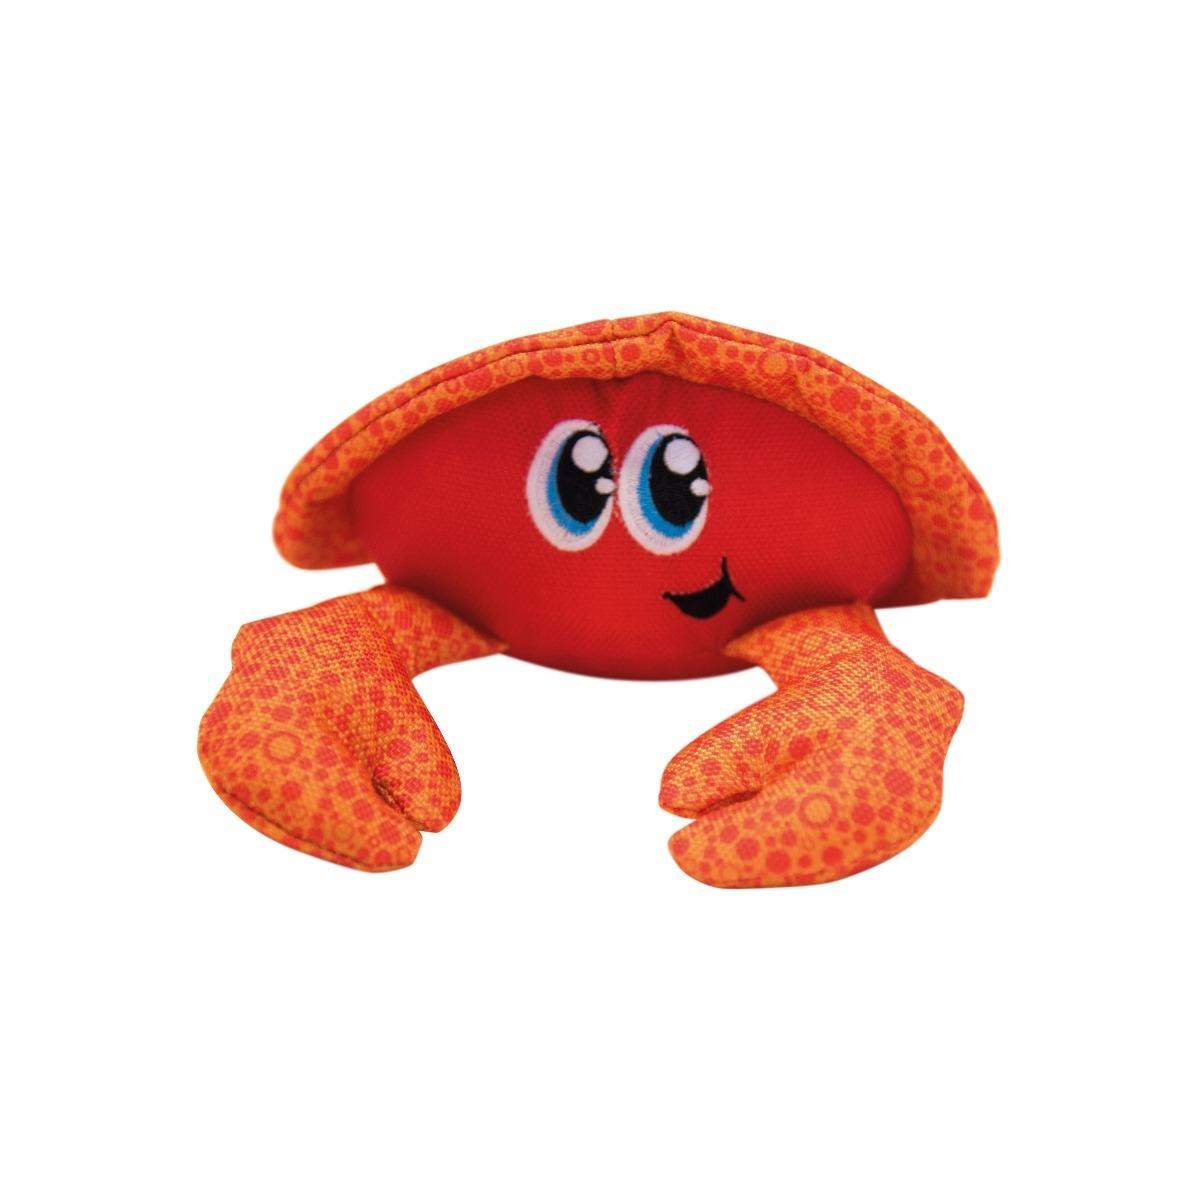 Outward Hound Floatiez Dog Toy - Crab